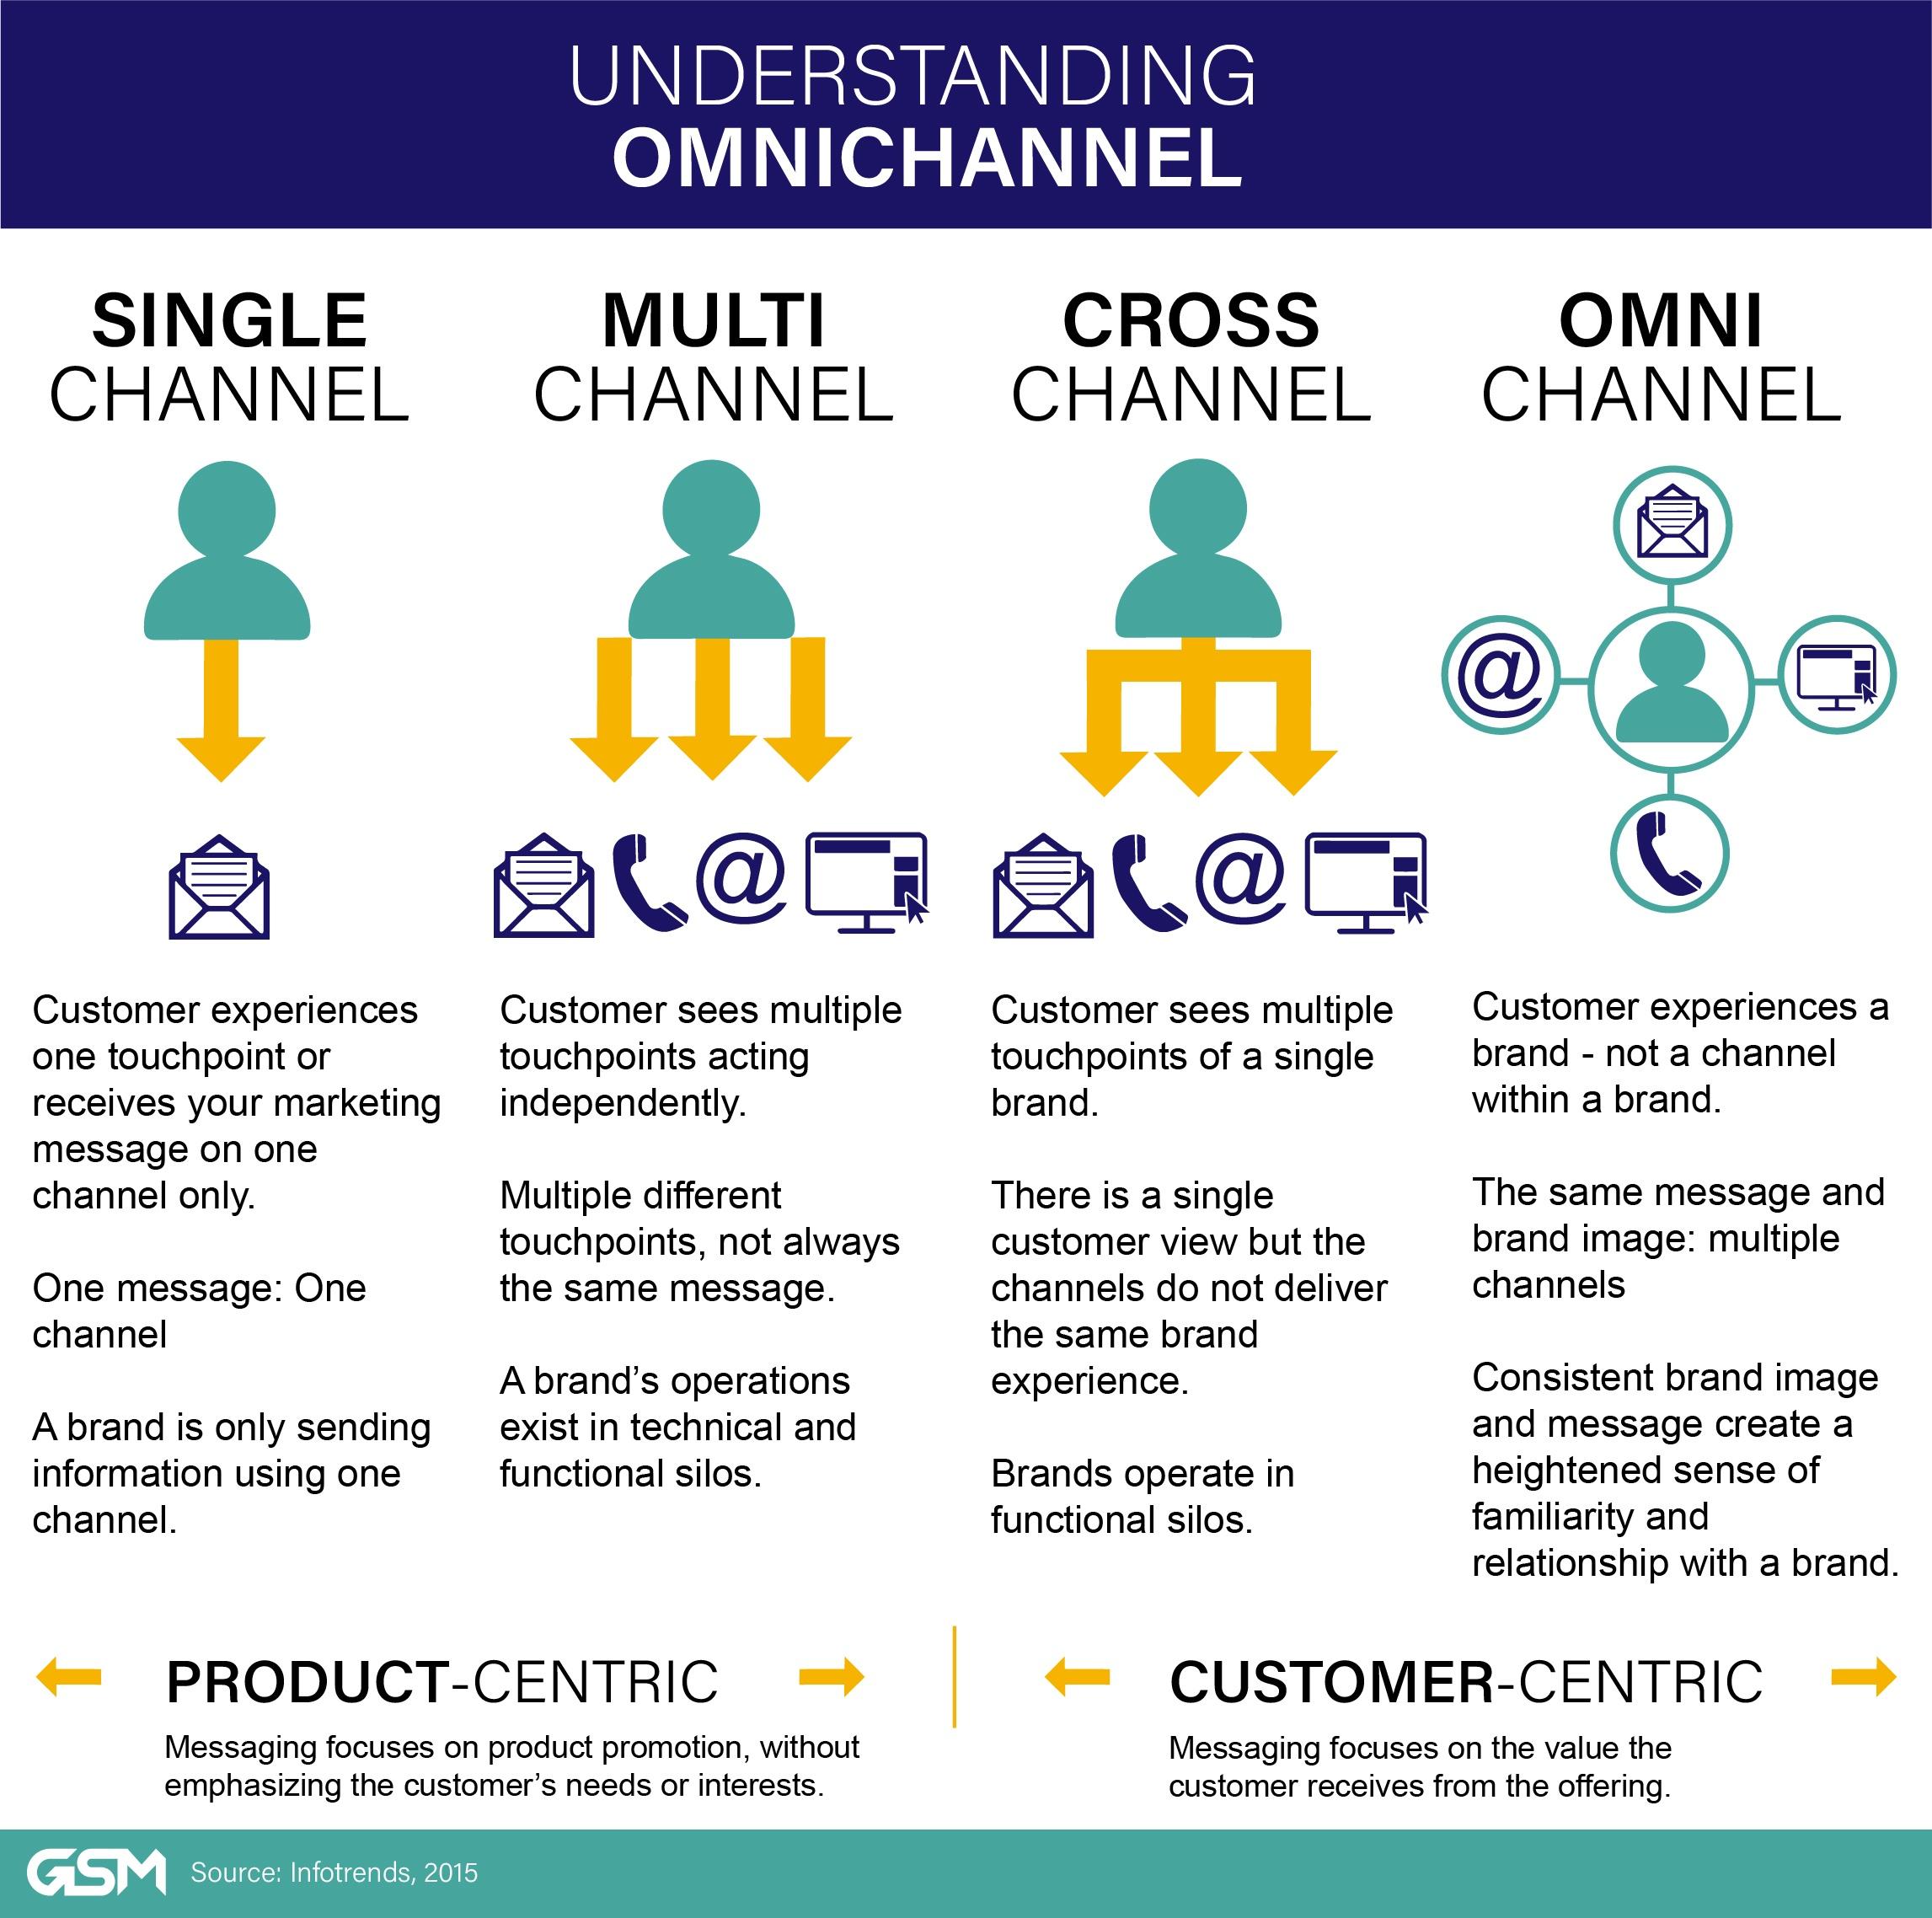 omnichannel_understanding_infographic